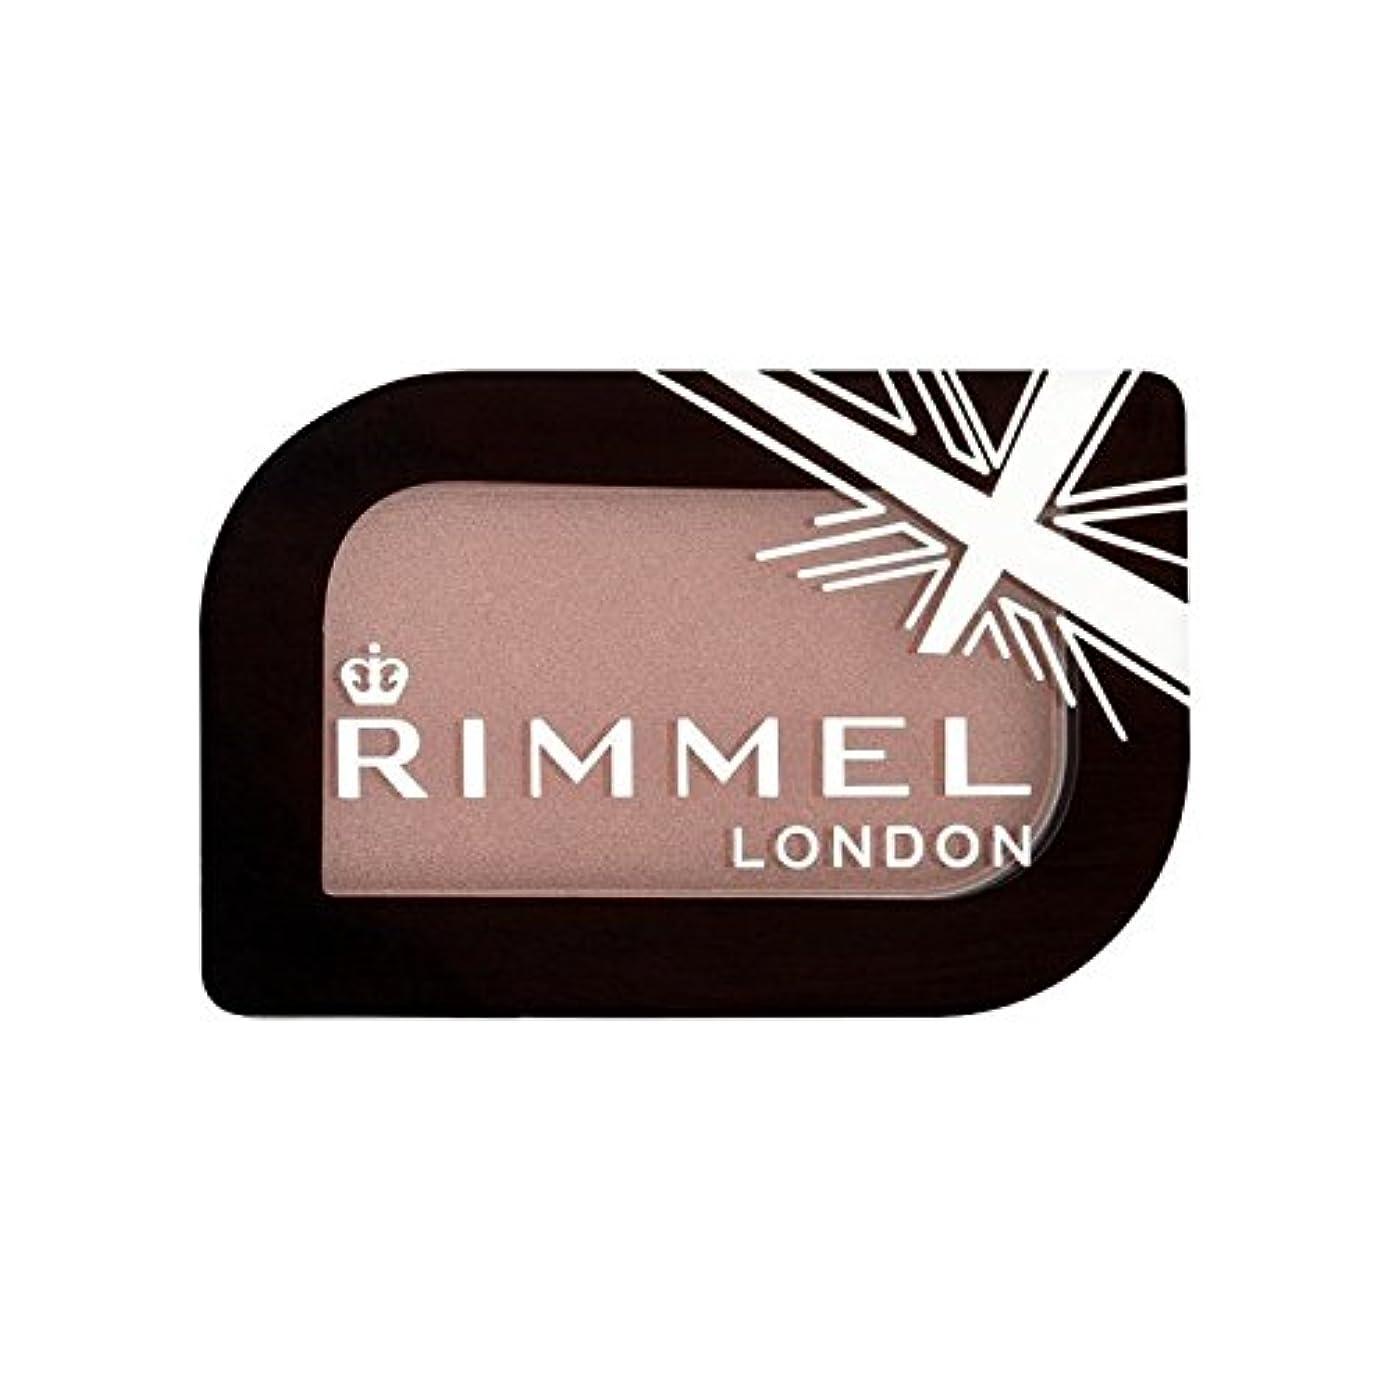 五月経験者並外れてリンメルロンドン'モノアイシャドウの富豪の5.2グラム x4 - Rimmel London Glam'eyes Mono Eyeshadow Millionaire 5.2g (Pack of 4) [並行輸入品]